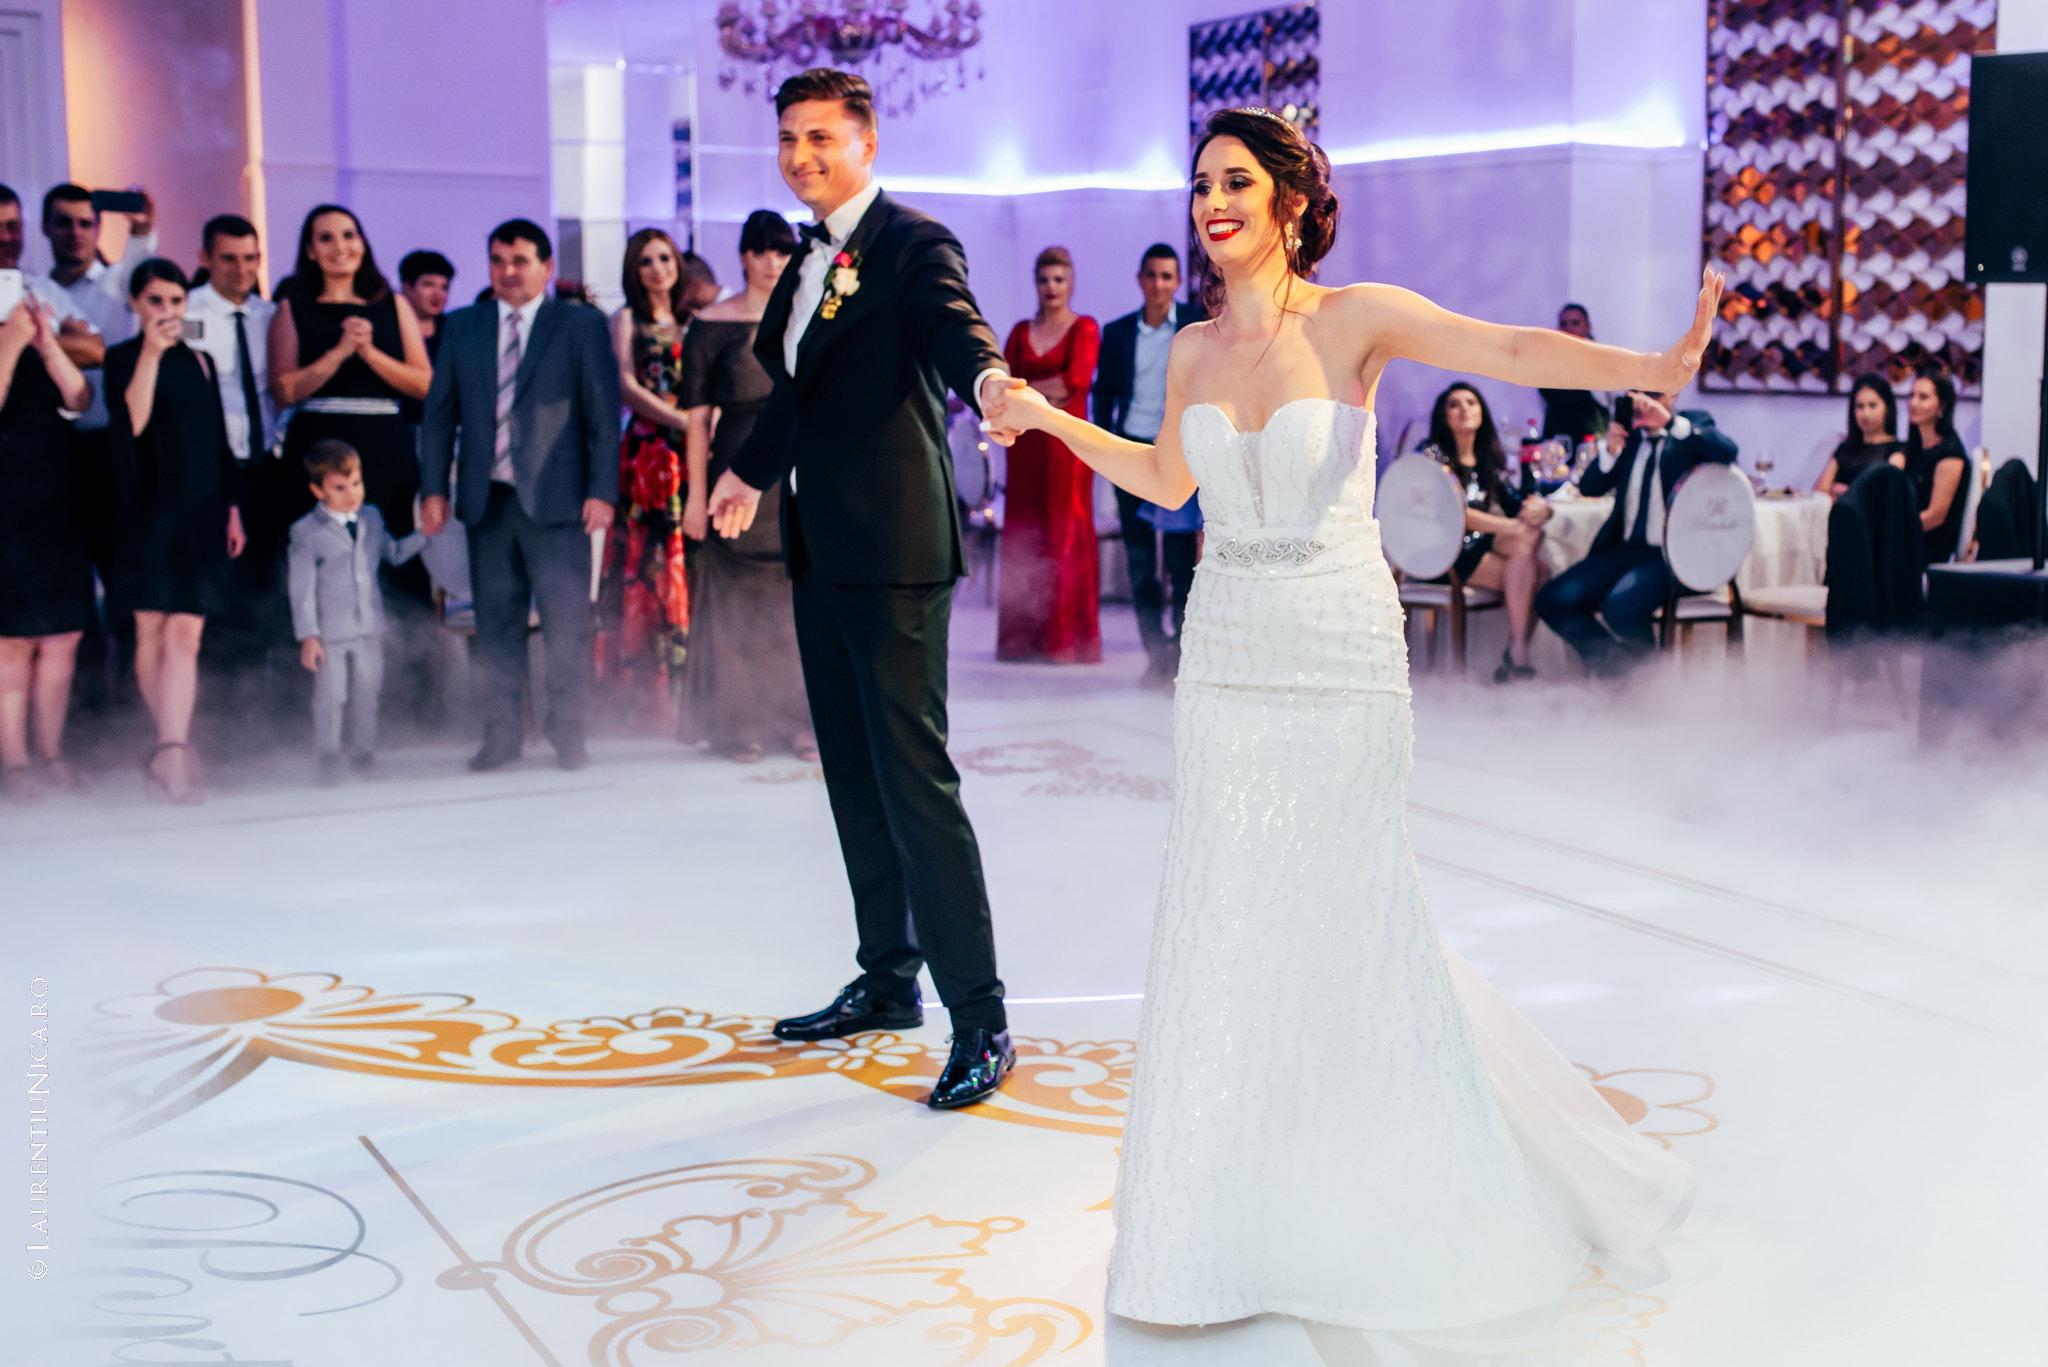 fotografii nunta denisa si florin craiova 38 - Denisa & Florin | Fotografii nunta | Craiova